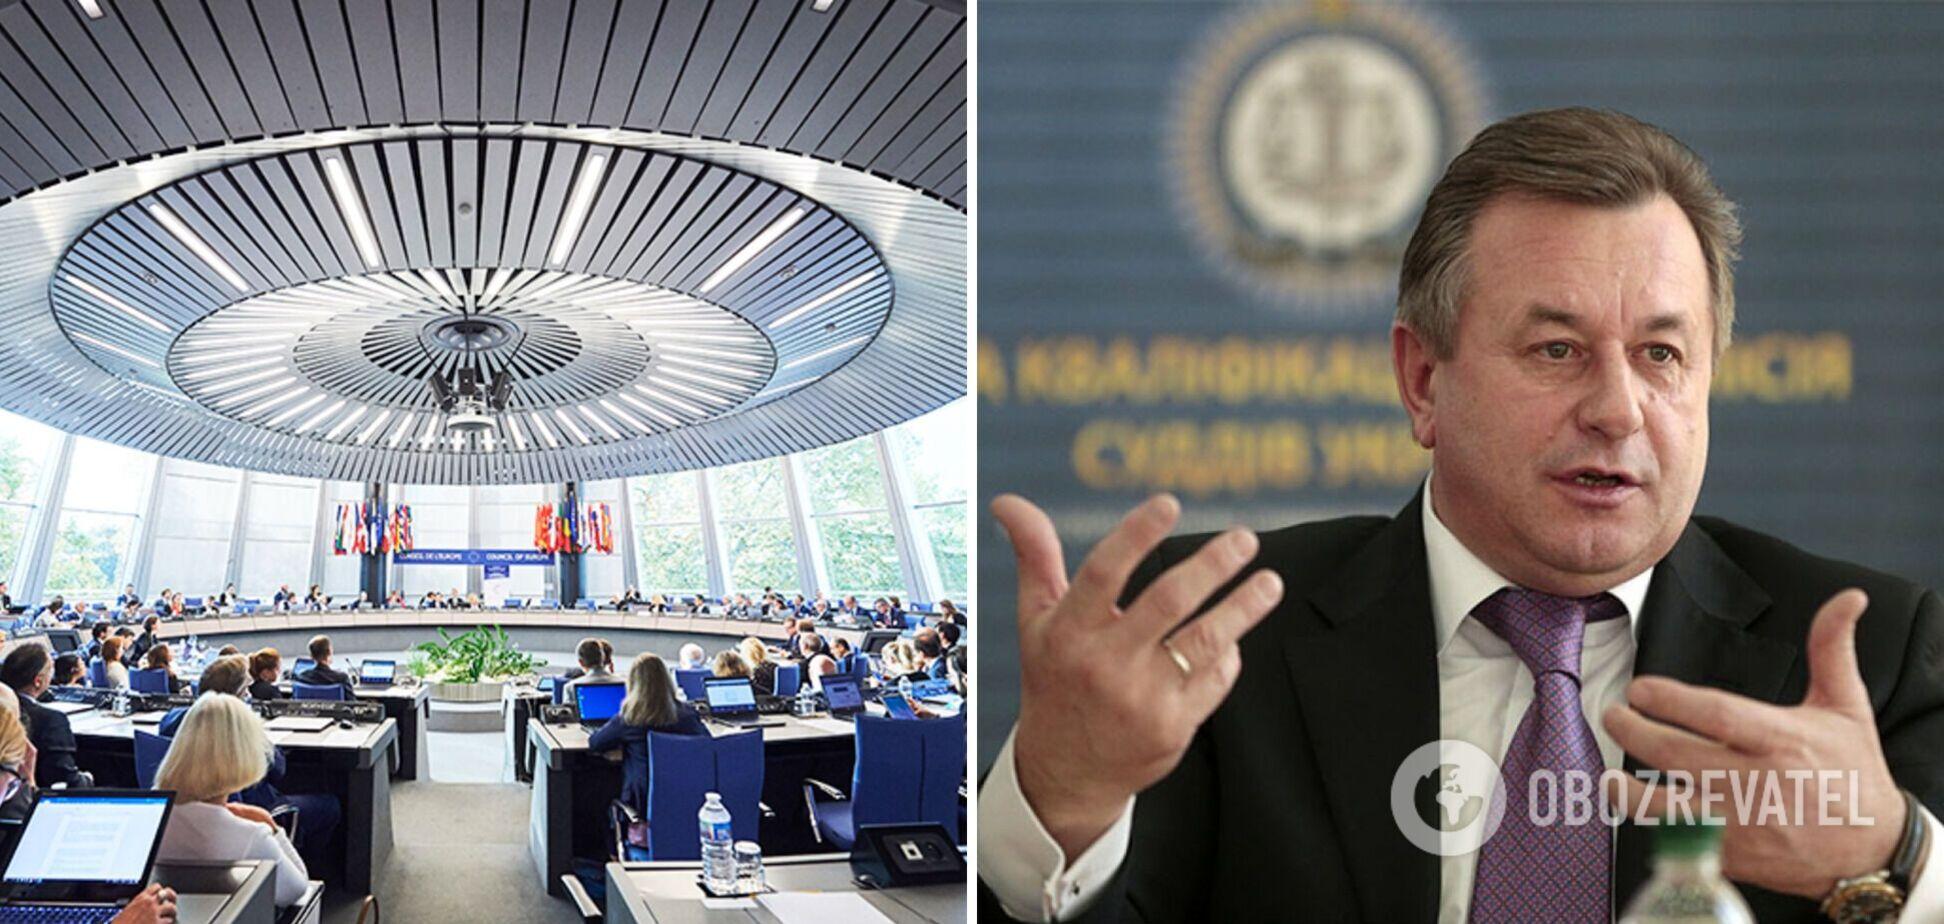 ЄСПЛ заявив про порушення Україною прав судді, звільненого за законом про очищення влади